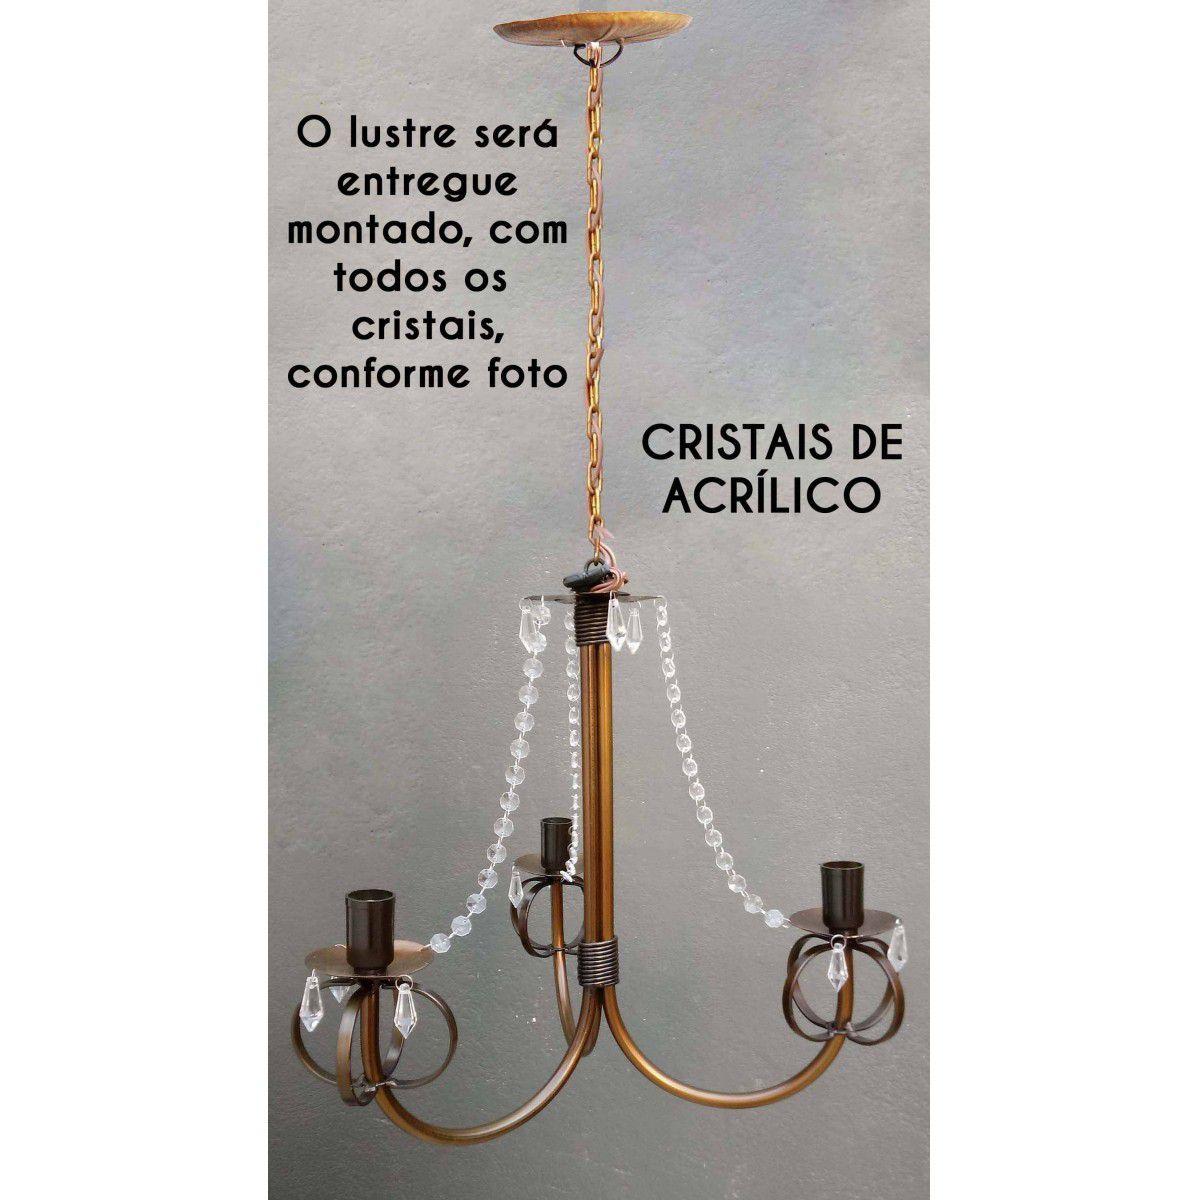 Luminaria De Teto Rustico com Cristais para Sala de Jantar e Estar Bom Preço